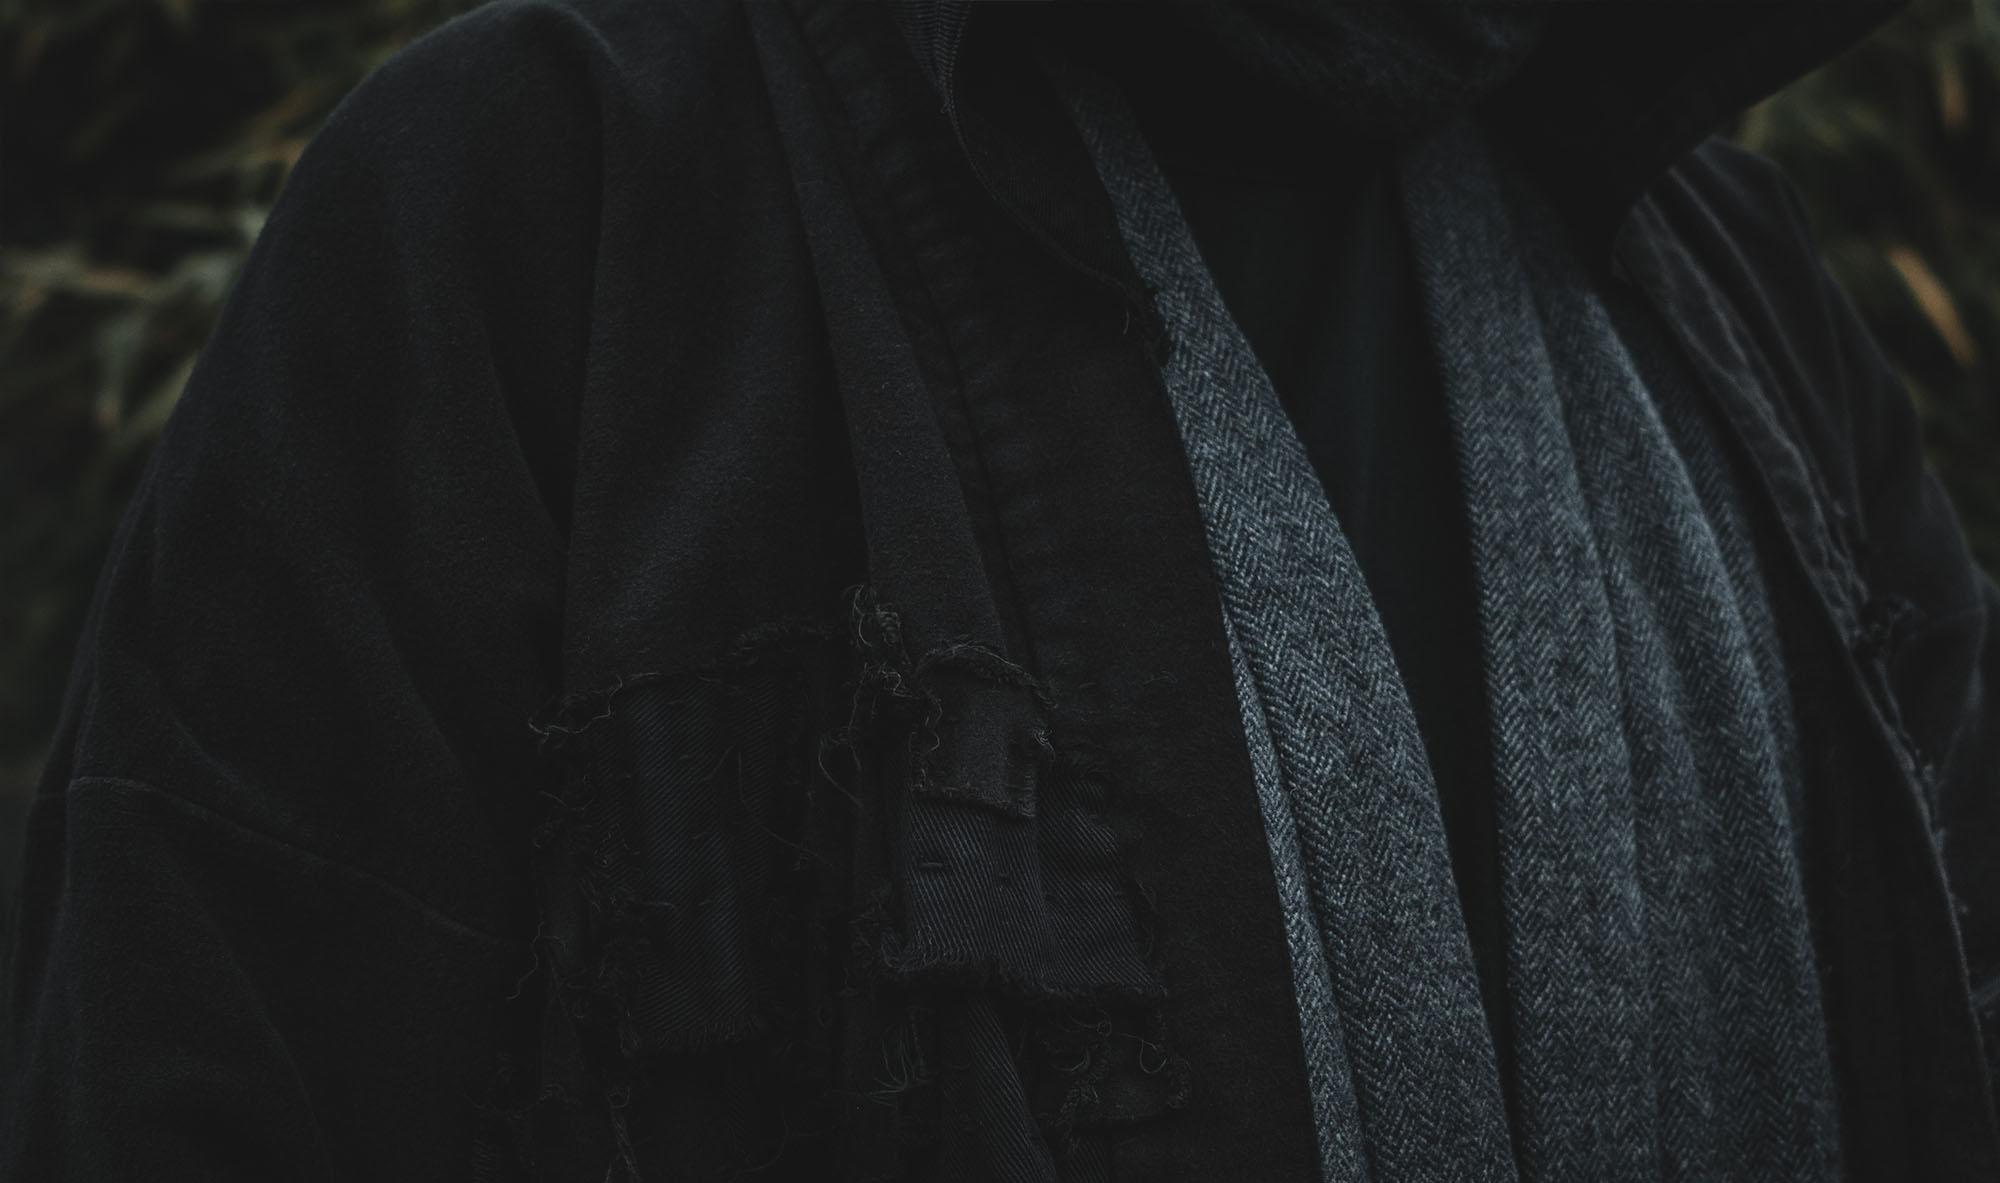 le vêtement noir